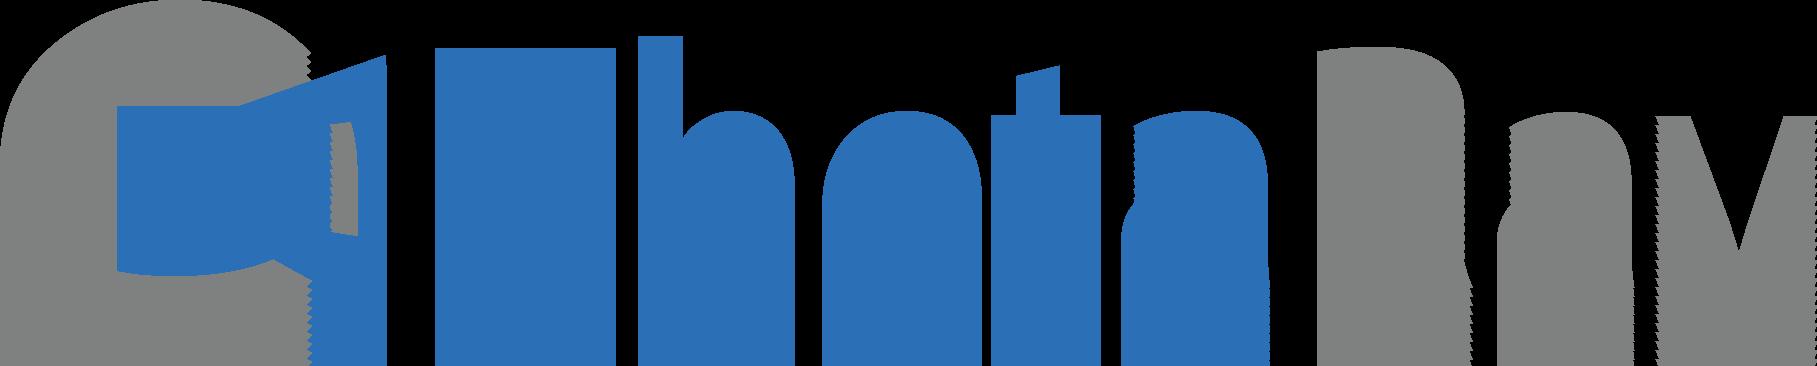 ThetaRay_Logo_Pro.png